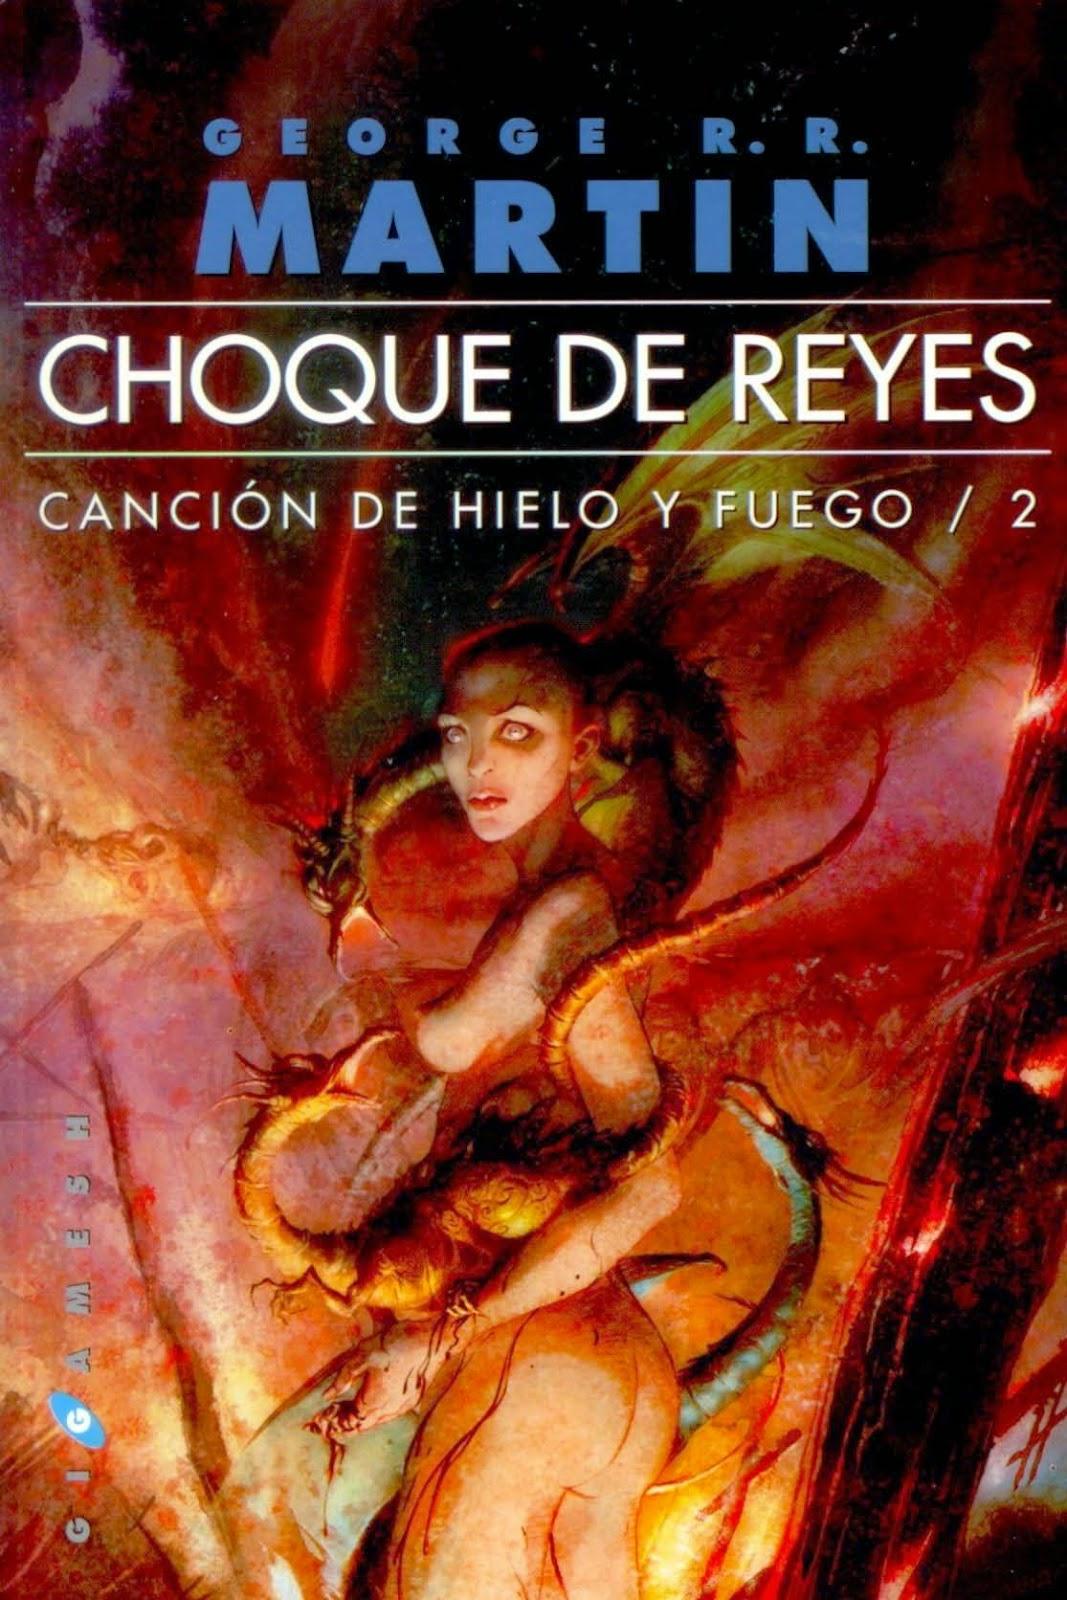 Canción De Hielo Y Fuego II: Choque De Reyes, de George R. R. Martin